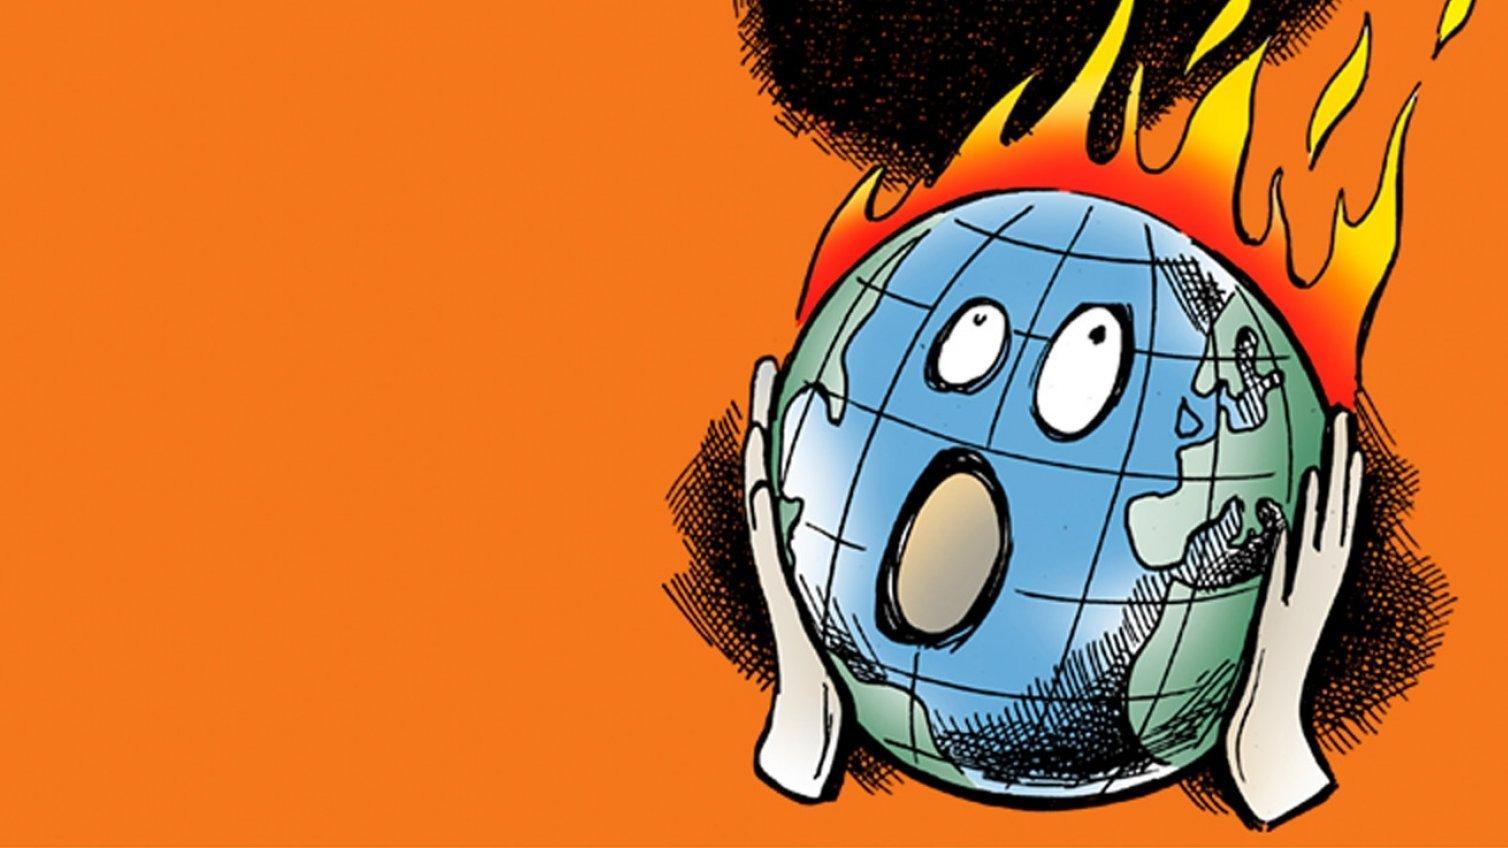 """Eine Karikatur auf organefarbigem Hintergrund: Die Welt brennt und hält sich die Hände entsetzt an die Wangen wie die Figur auf Munchs """"Schrei"""" – Cover-Illustration des jetzt auf deutsch erschienenen Buchs """"Der Tollhauseffekt"""""""